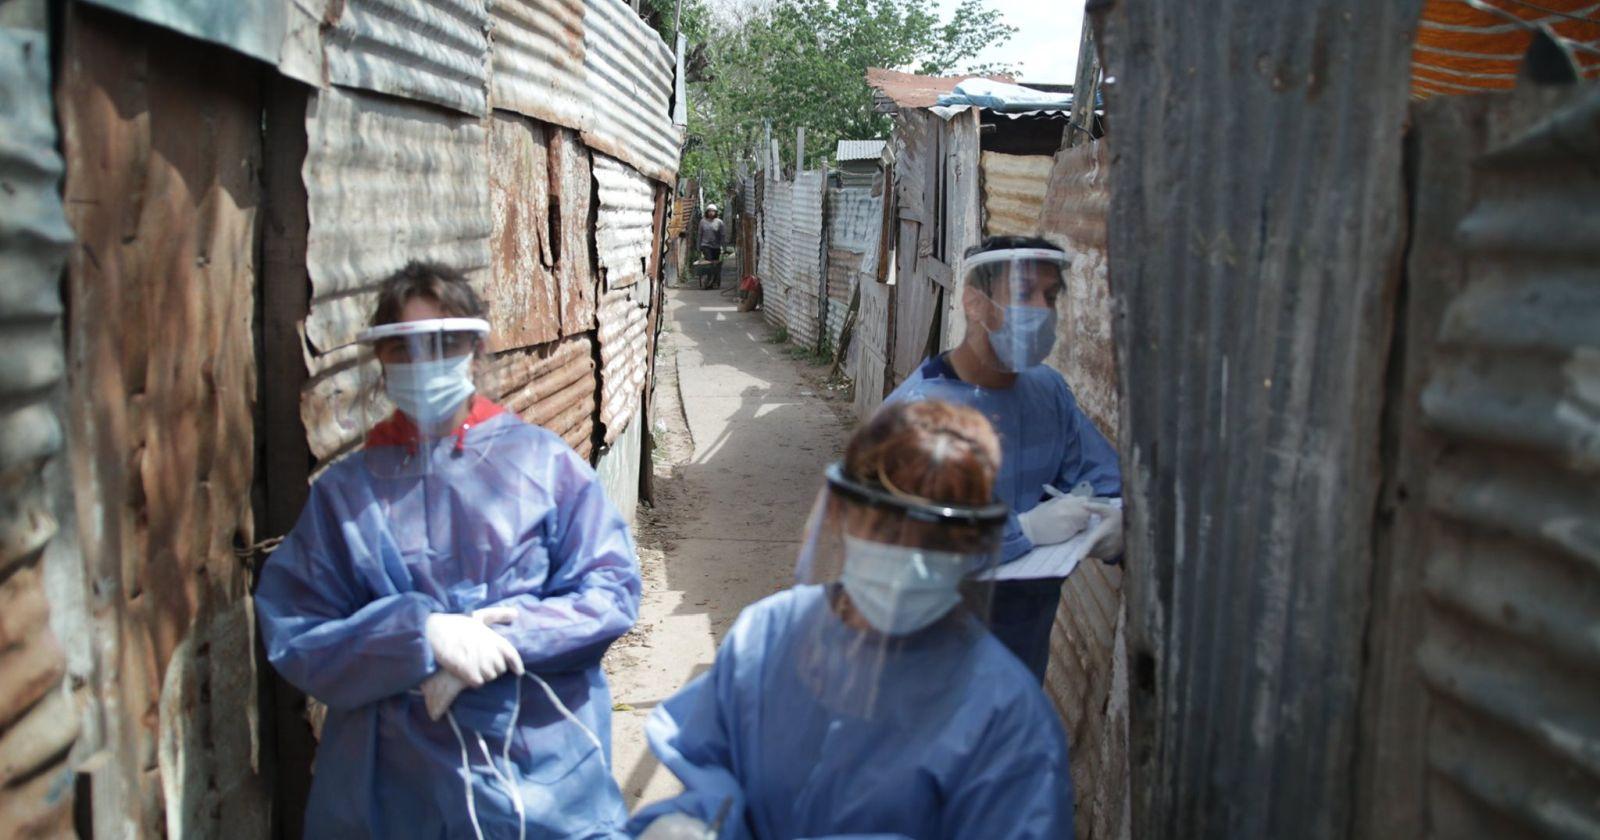 El Gobierno de Buenos Aires informó que no descarta imponer medidas más restrictivas si siguen aumentando los contagios.